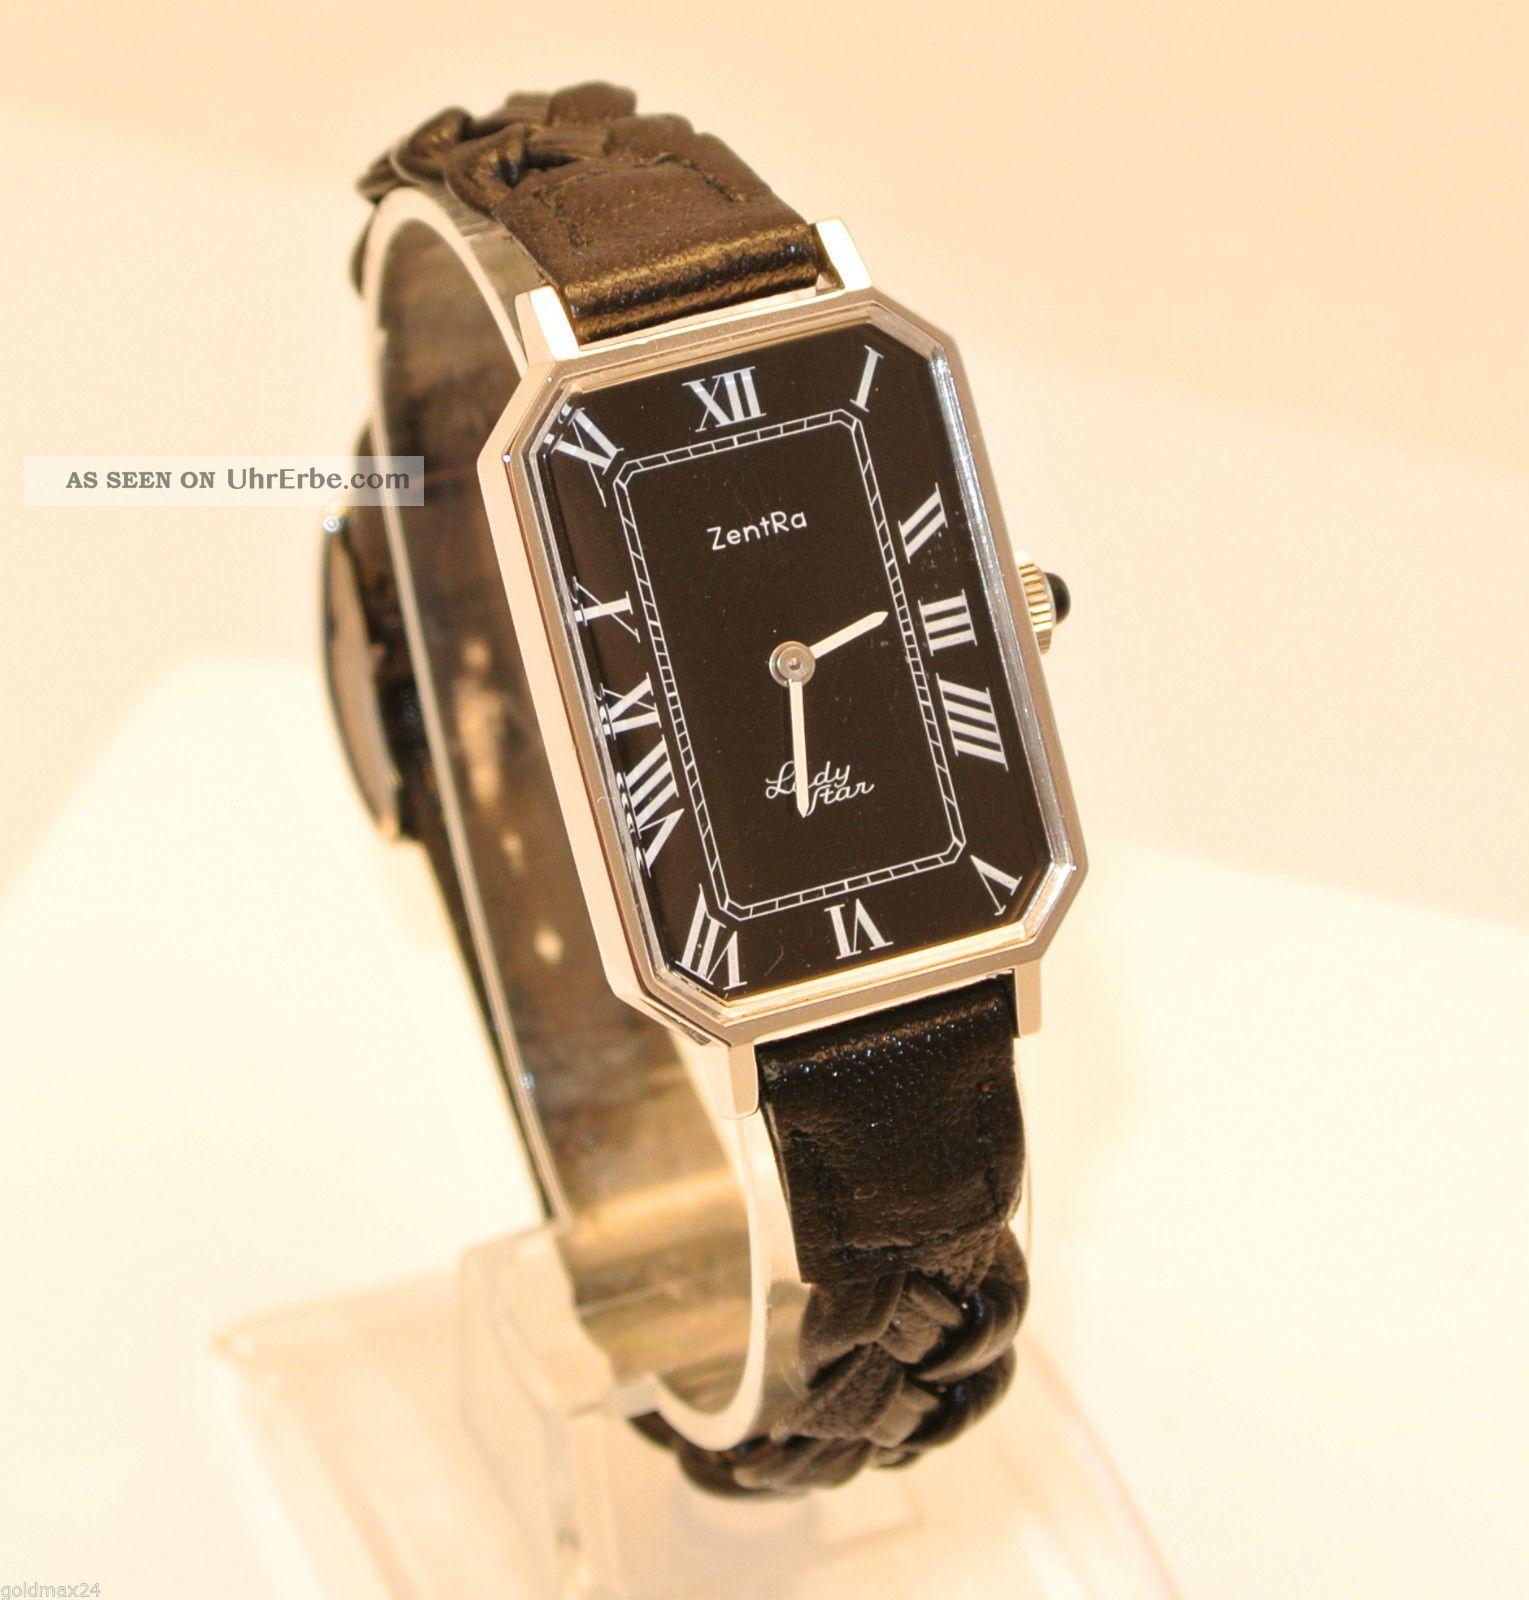 Zentra - Lady Star - Damenarmbanduhr / Handaufzug / Geflochtenes Lederarmband Armbanduhren Bild